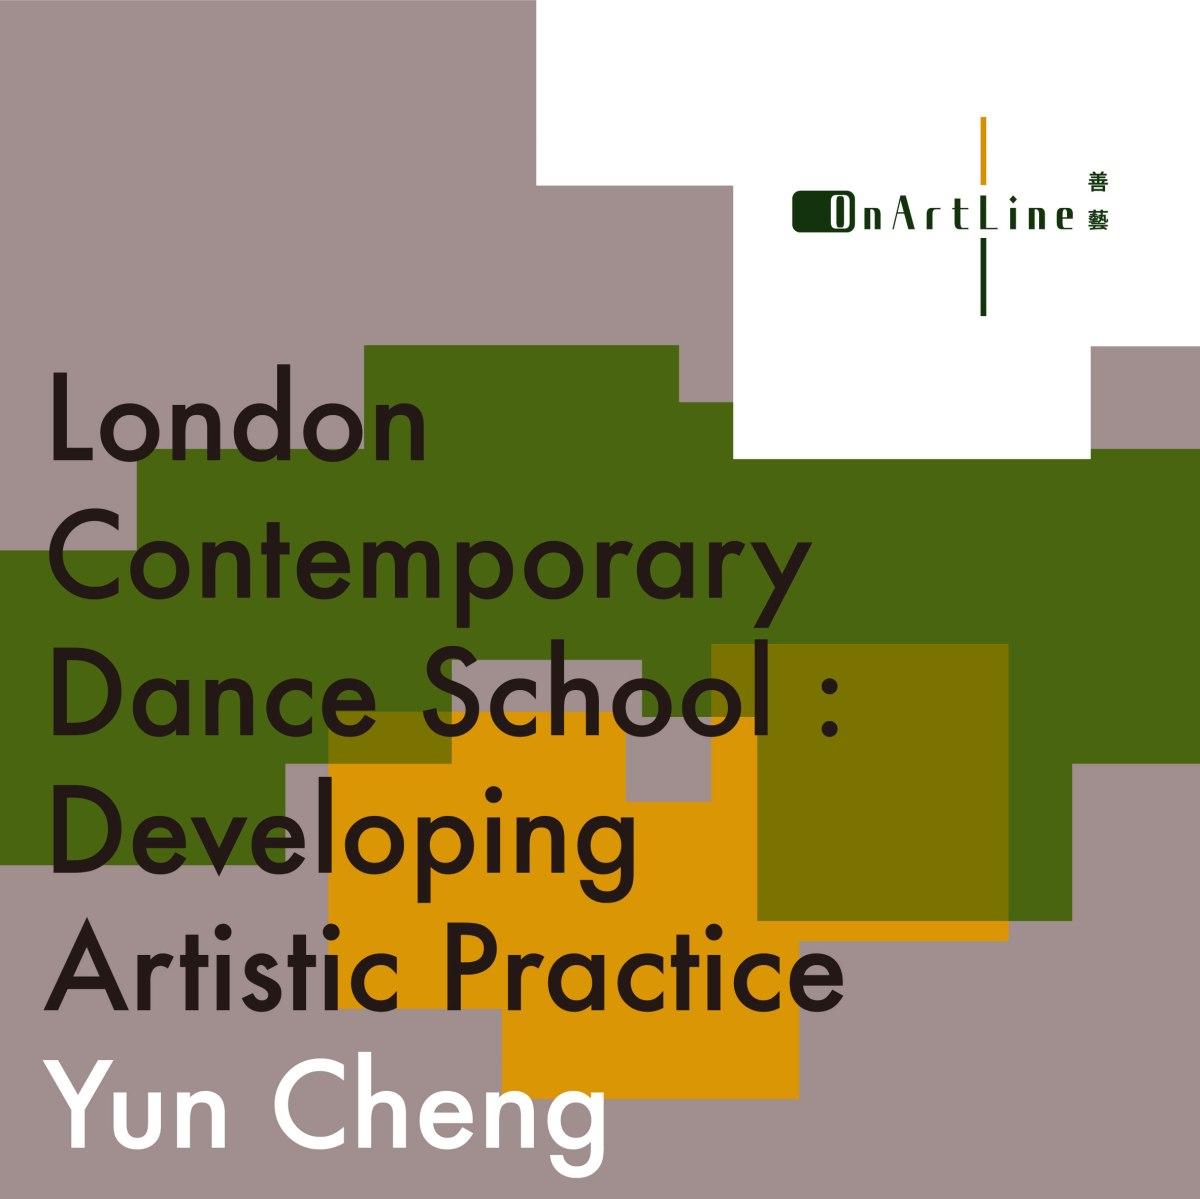 《十月開學季專題》學生訪問(4) 倫敦當代舞蹈學院 / London Contemporary Dance School / Developing Artistic Practice – 善藝 ...